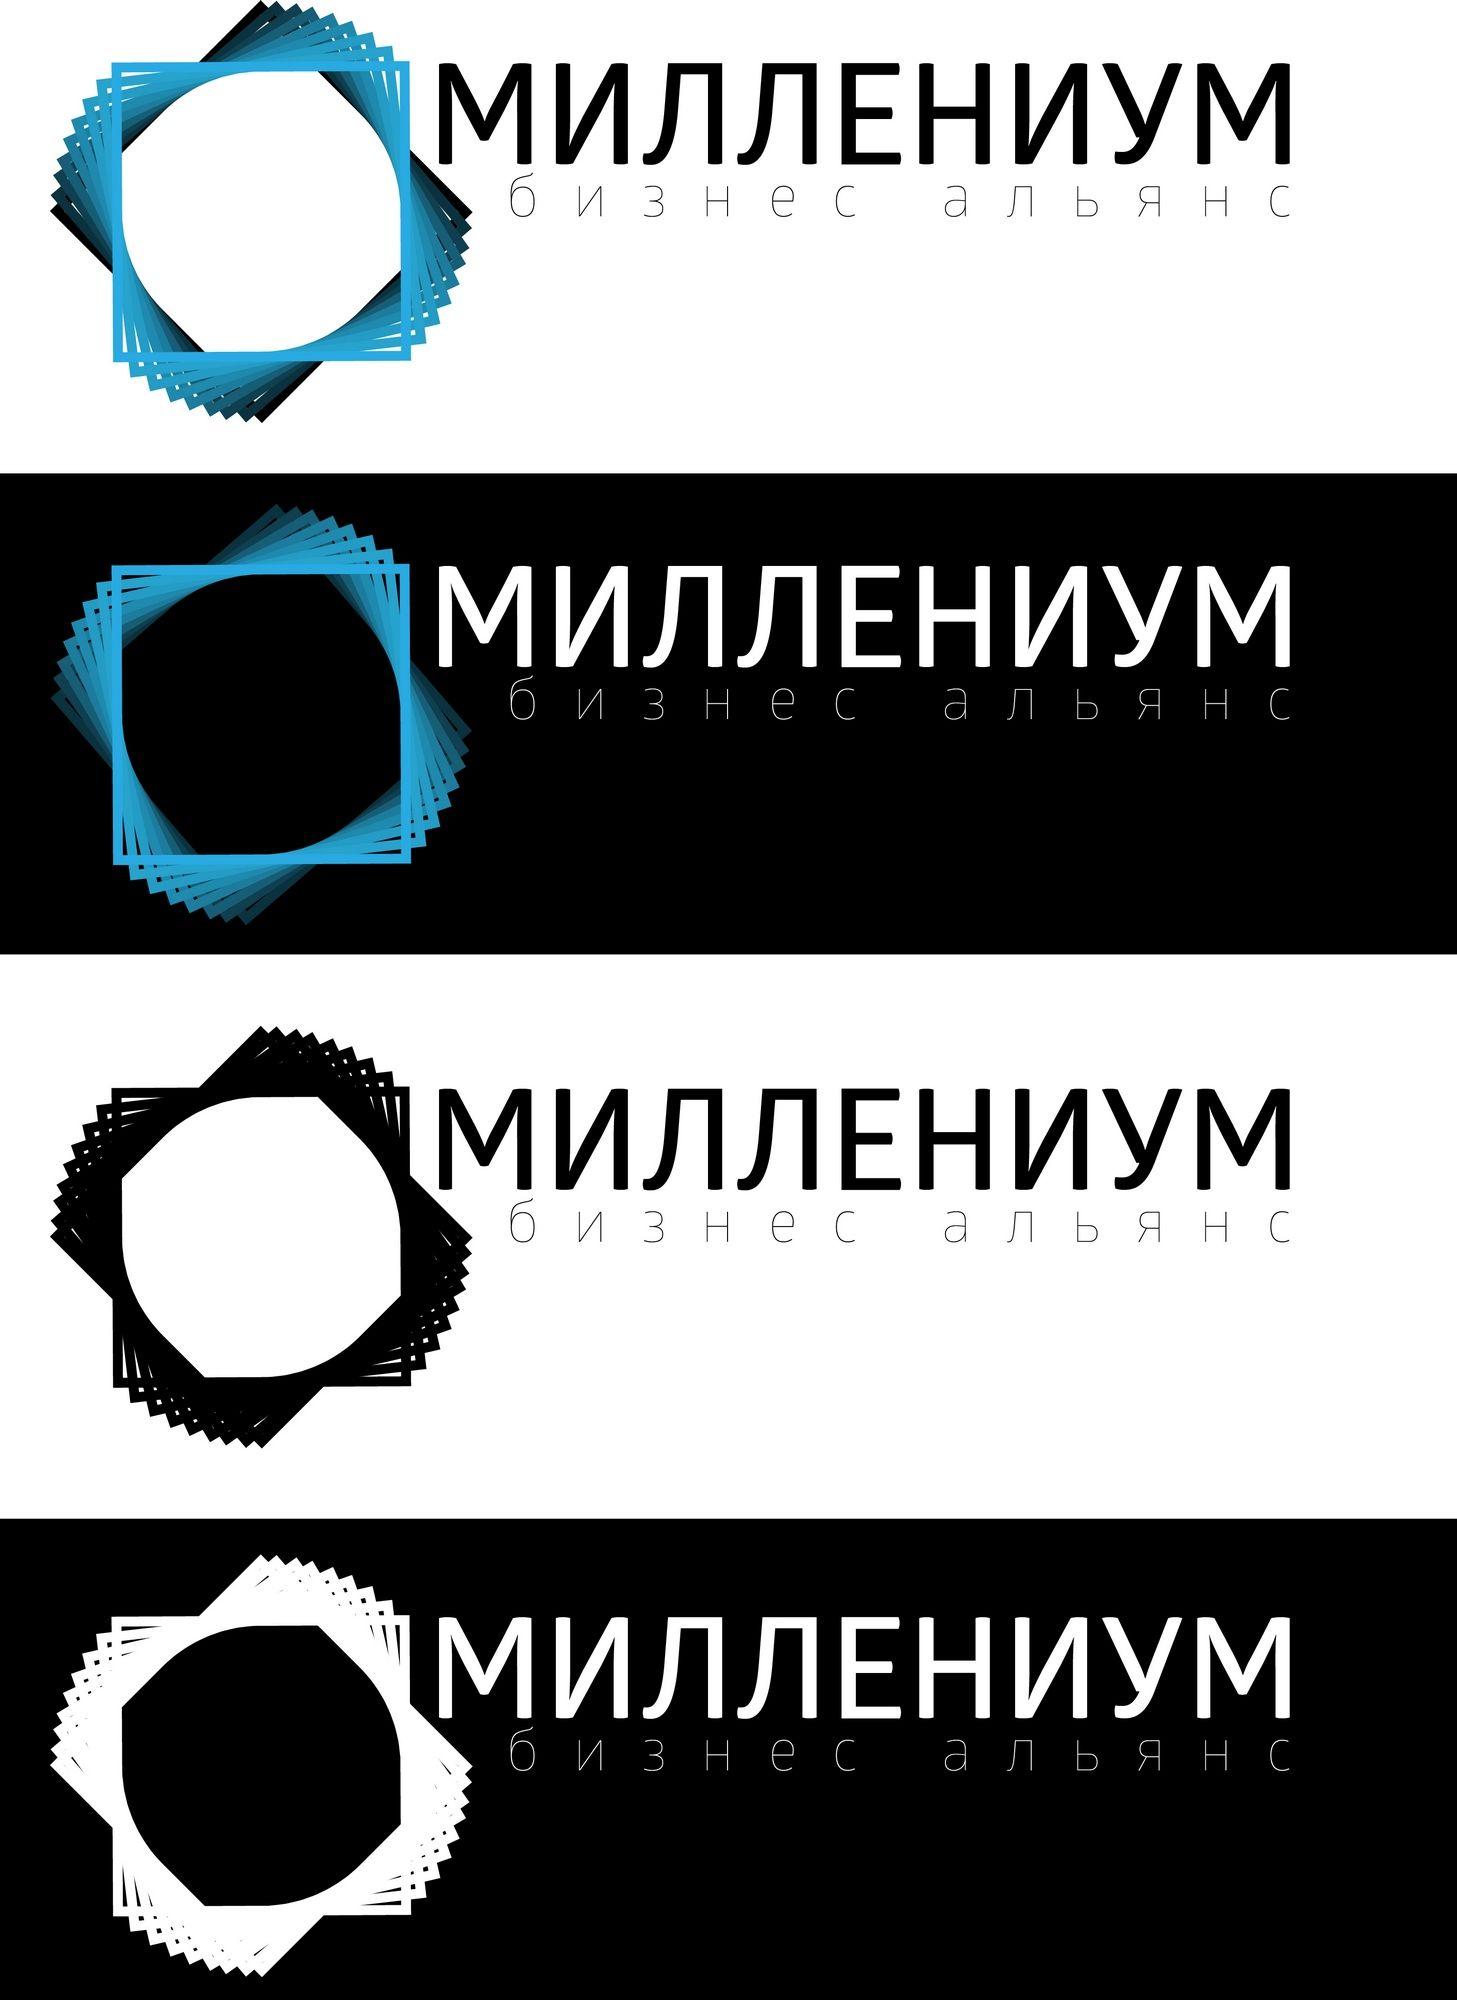 Бизнес Альянс Милленниум - дизайнер SevMed